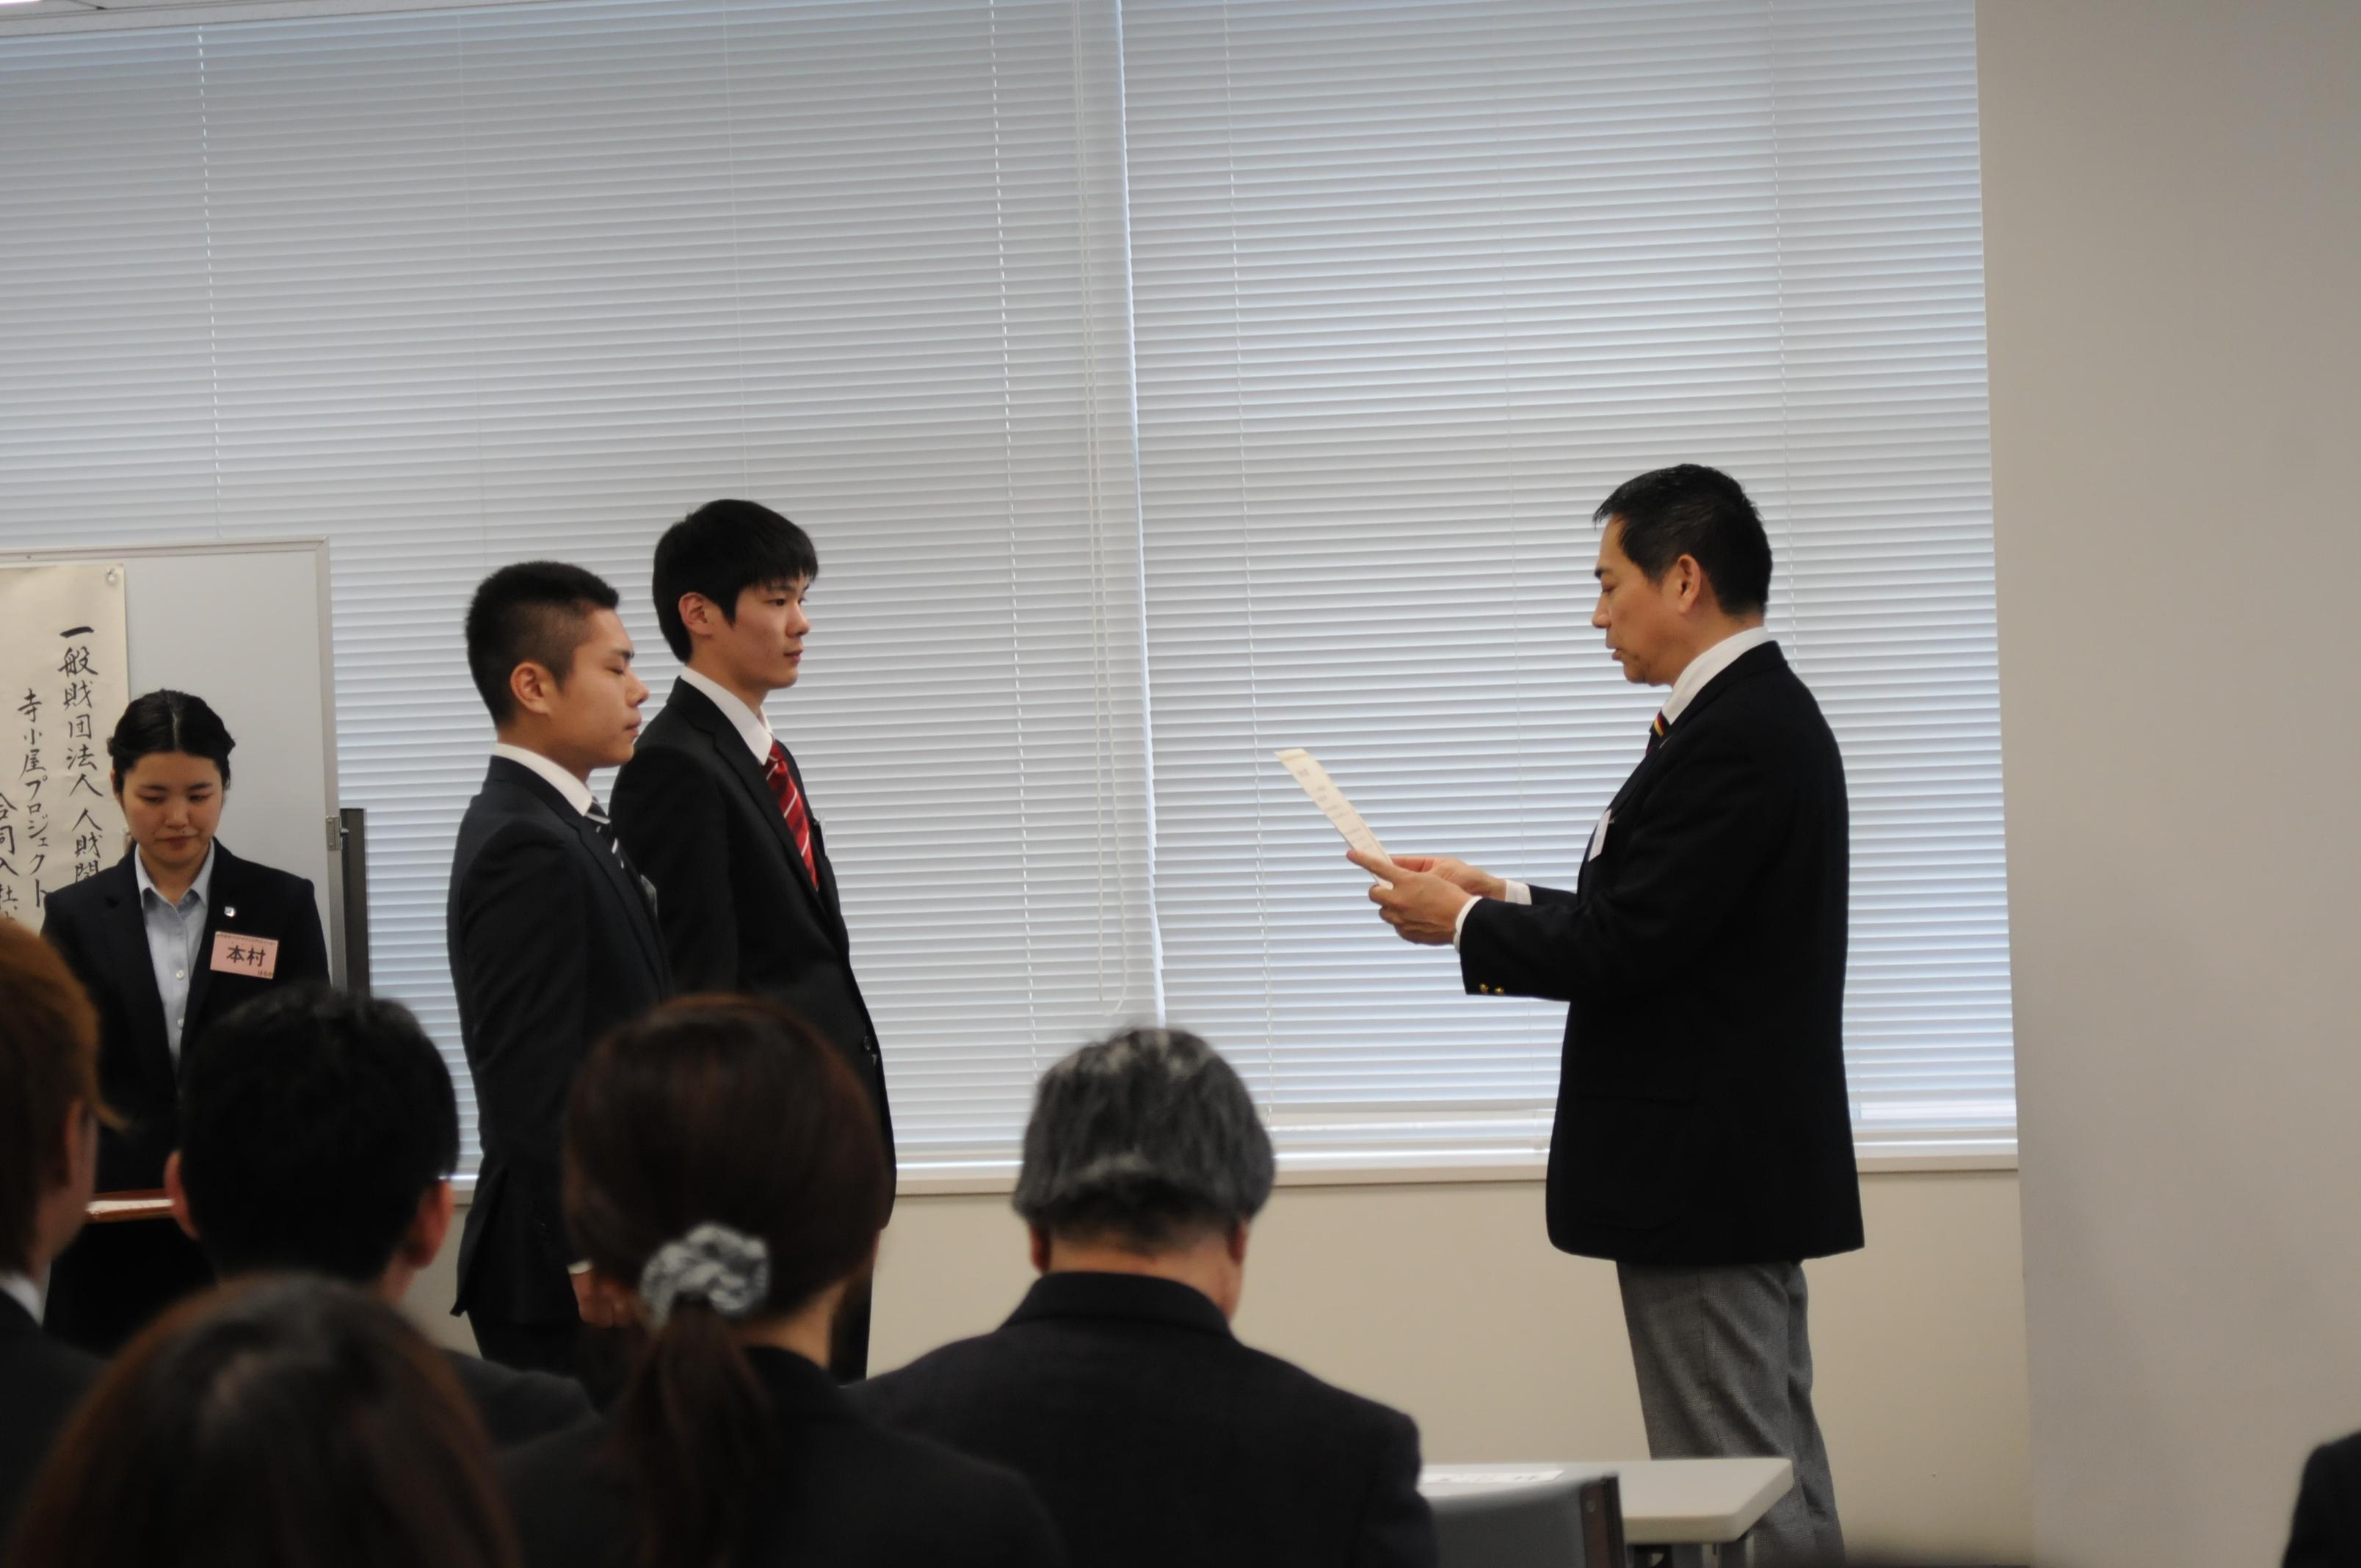 4月1日新入社員入社式を行いました